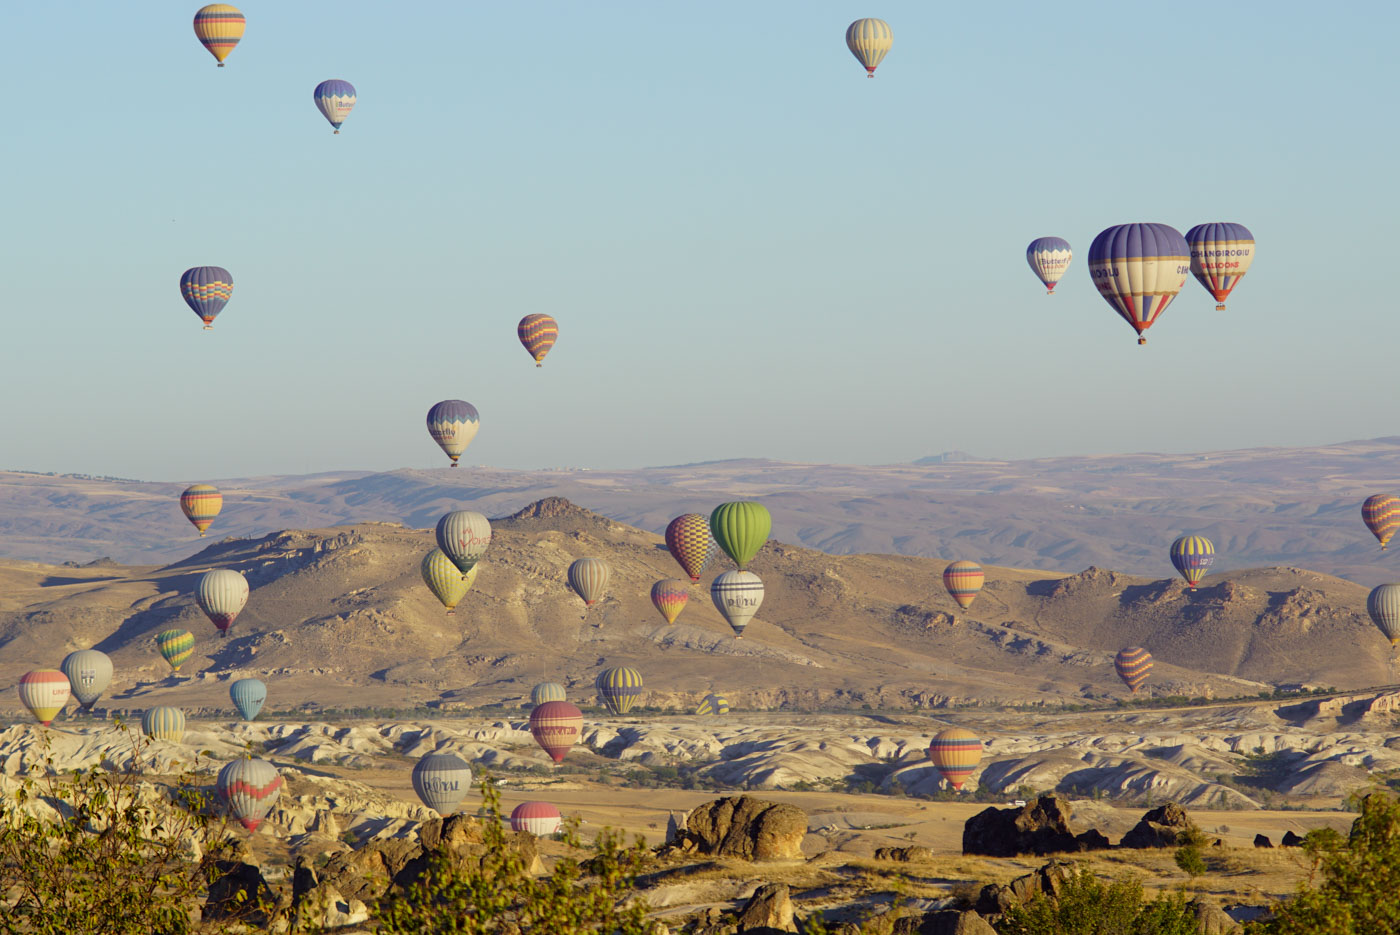 Blick auf die startenden Heißluftballons in Göreme vor der grandiosen Kappadokien Landschaft.